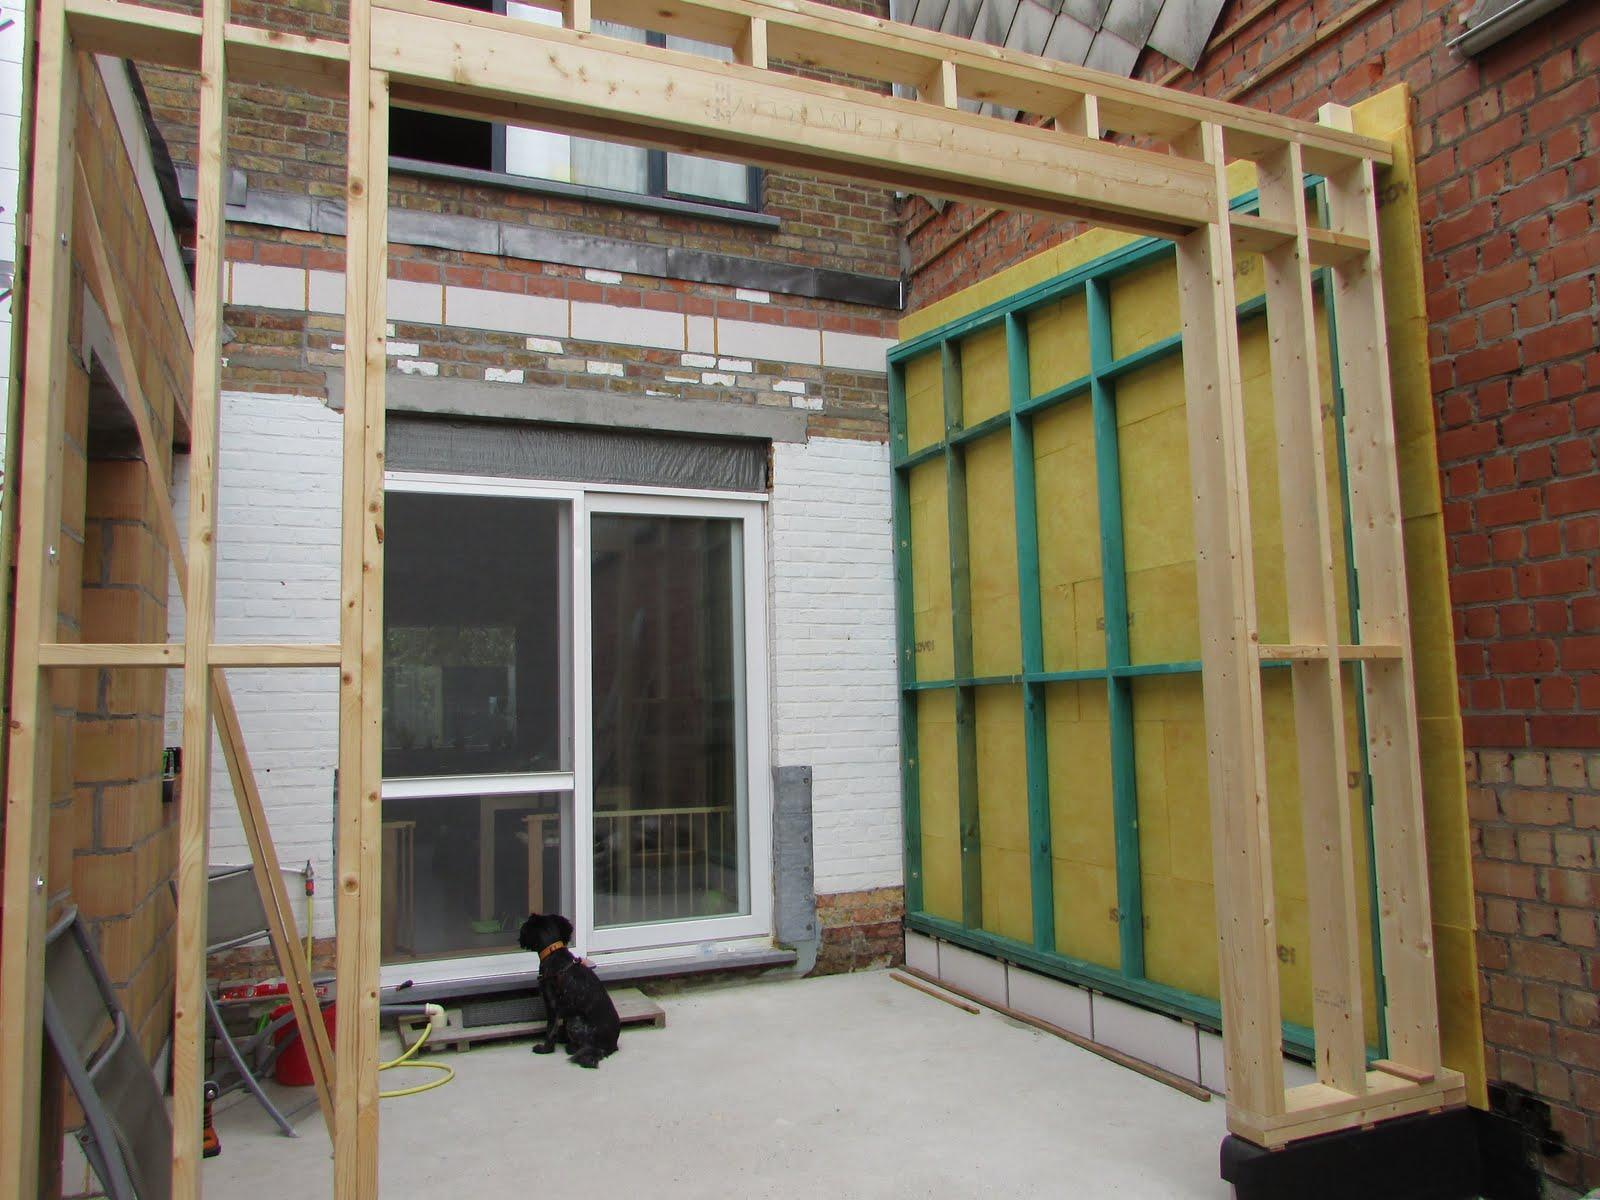 Verbouwing van ons ouderlijk huis juli 2016 - Stenen huis uitbreiding ...